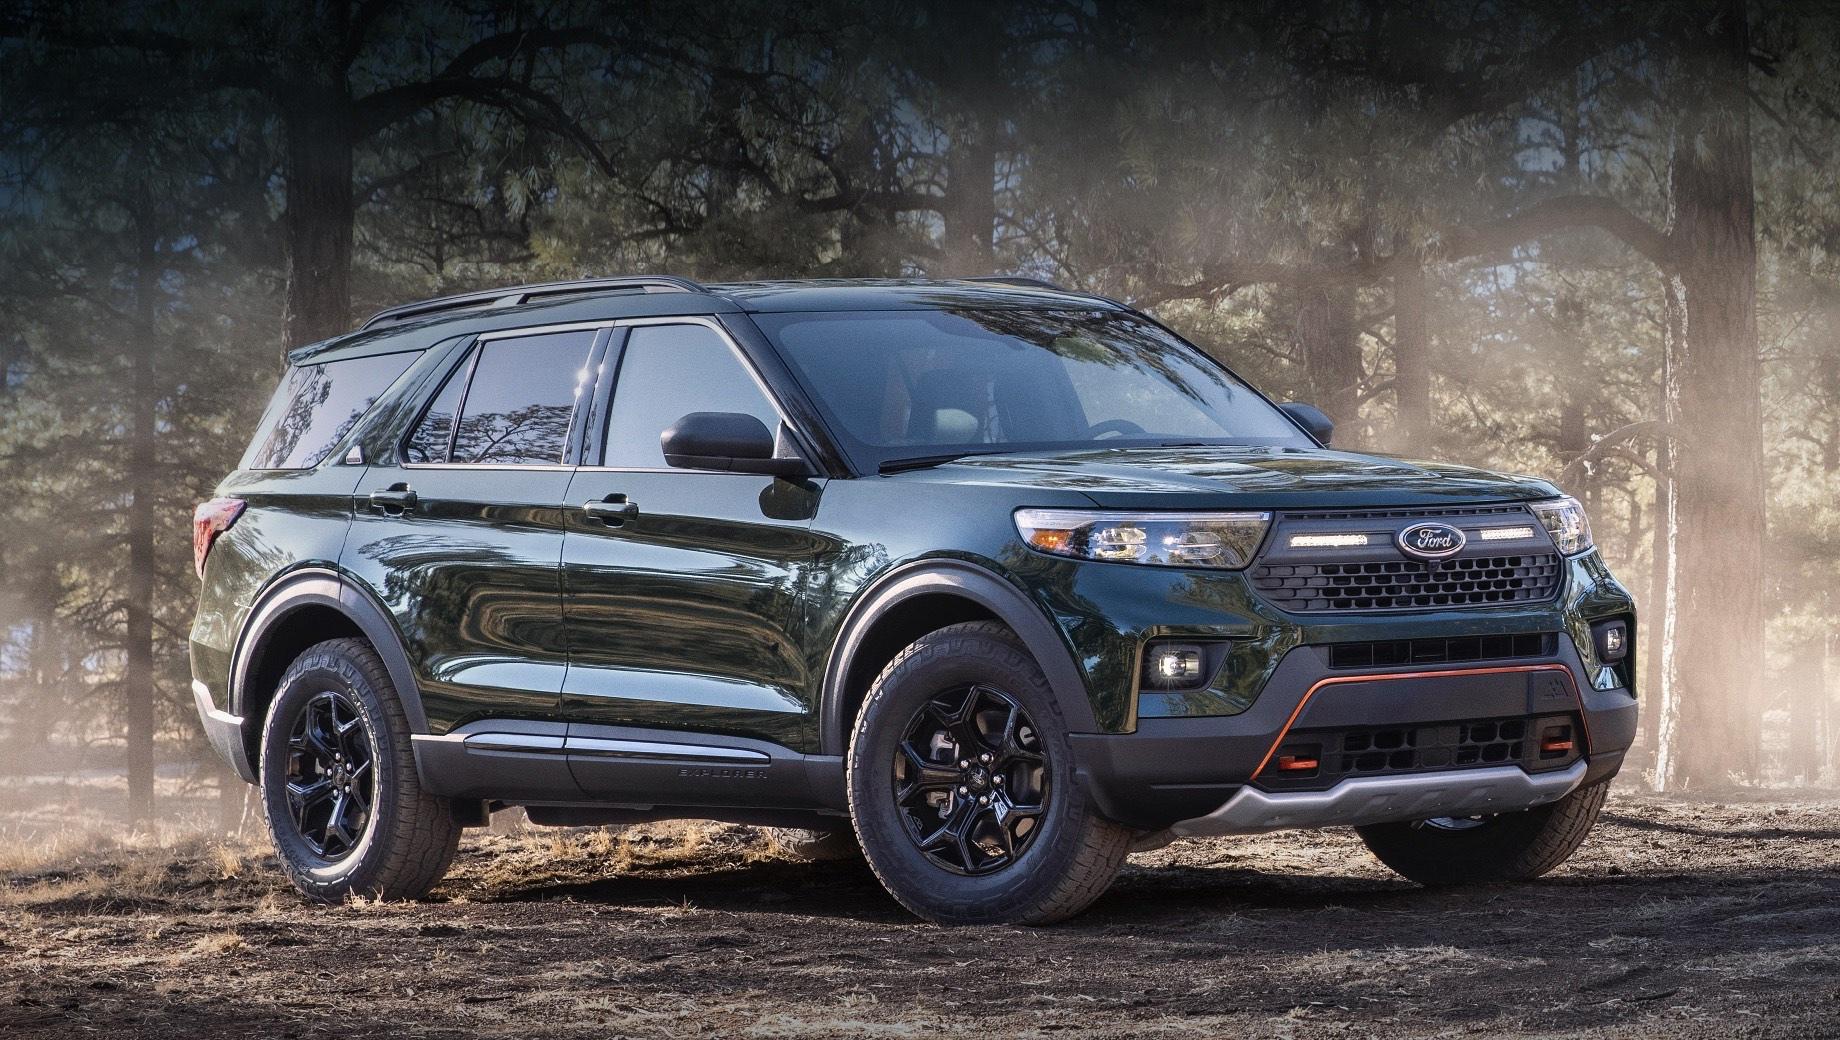 Американский Ford Explorer отправится на покорение бездорожья